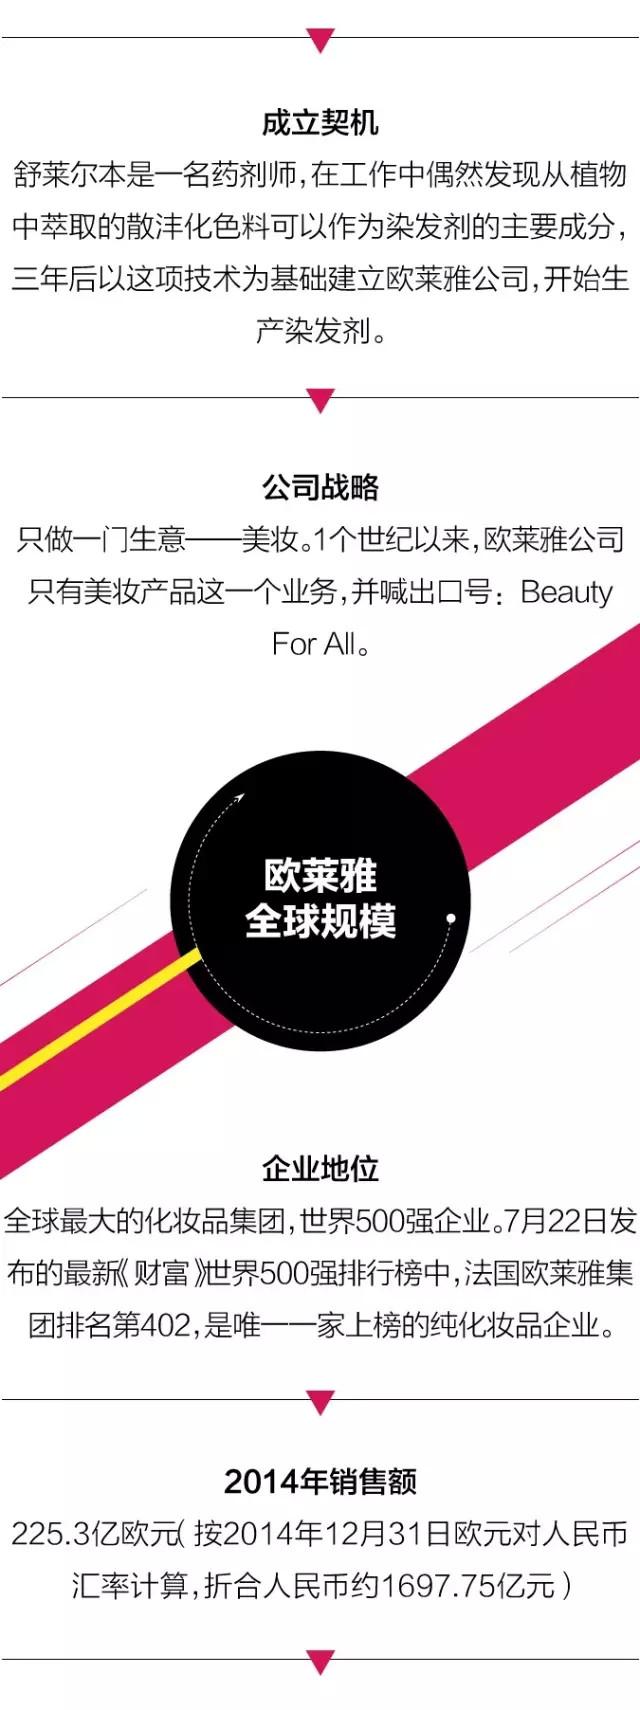 你知道 全球最大化妆品集团 是谁吗? (2)